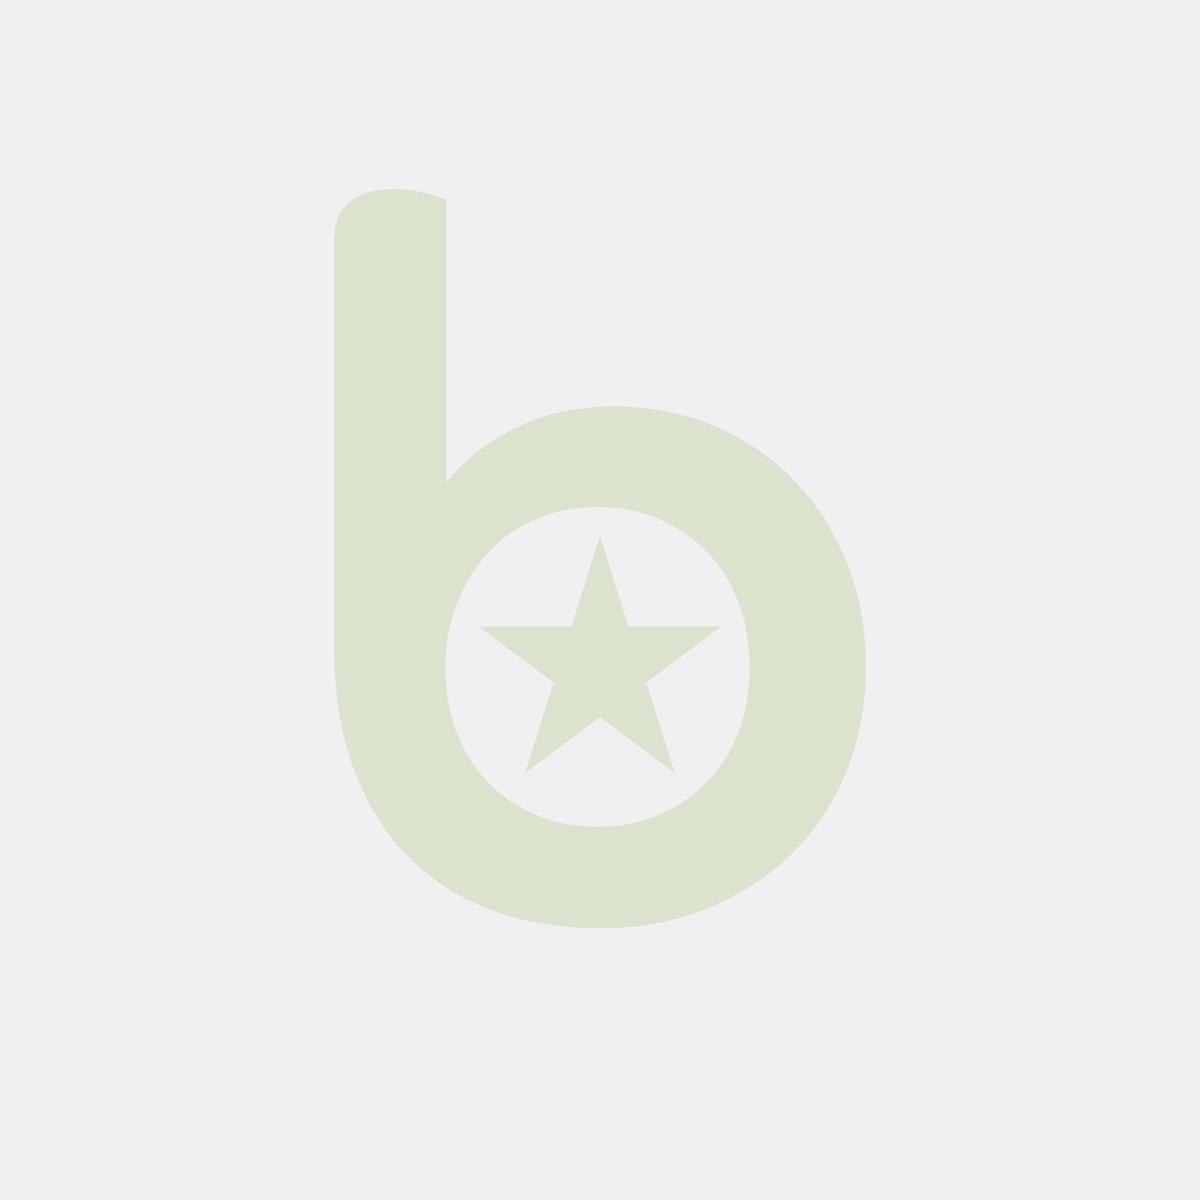 Zszywacz KANGARO HS-J10, zszywa do 20 kartek, blister, niebieski